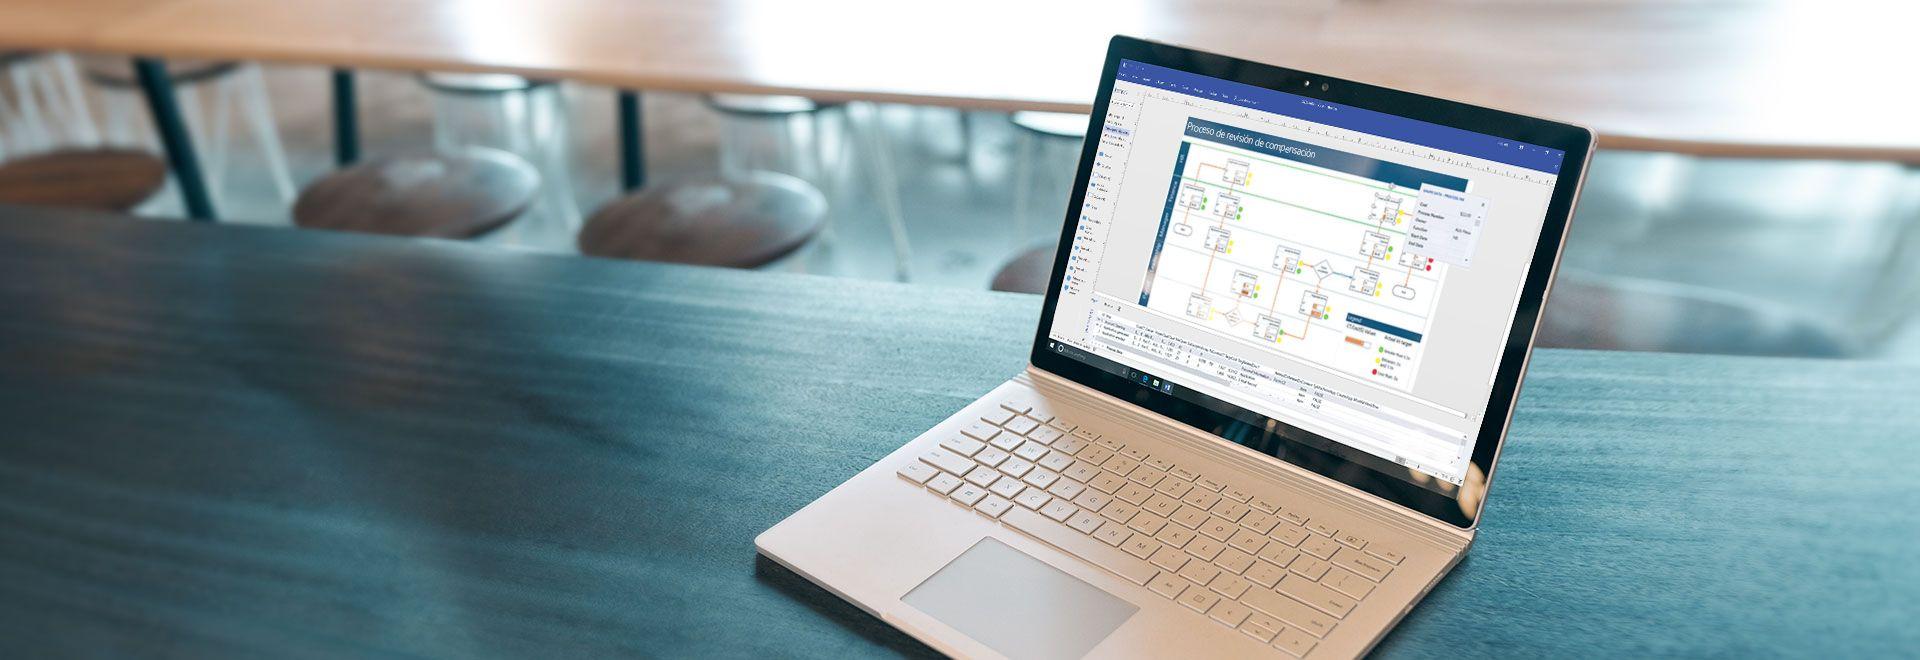 Un portátil en el que se muestra un diagrama de un flujo de trabajo de procesos en Visio Pro para Office 365